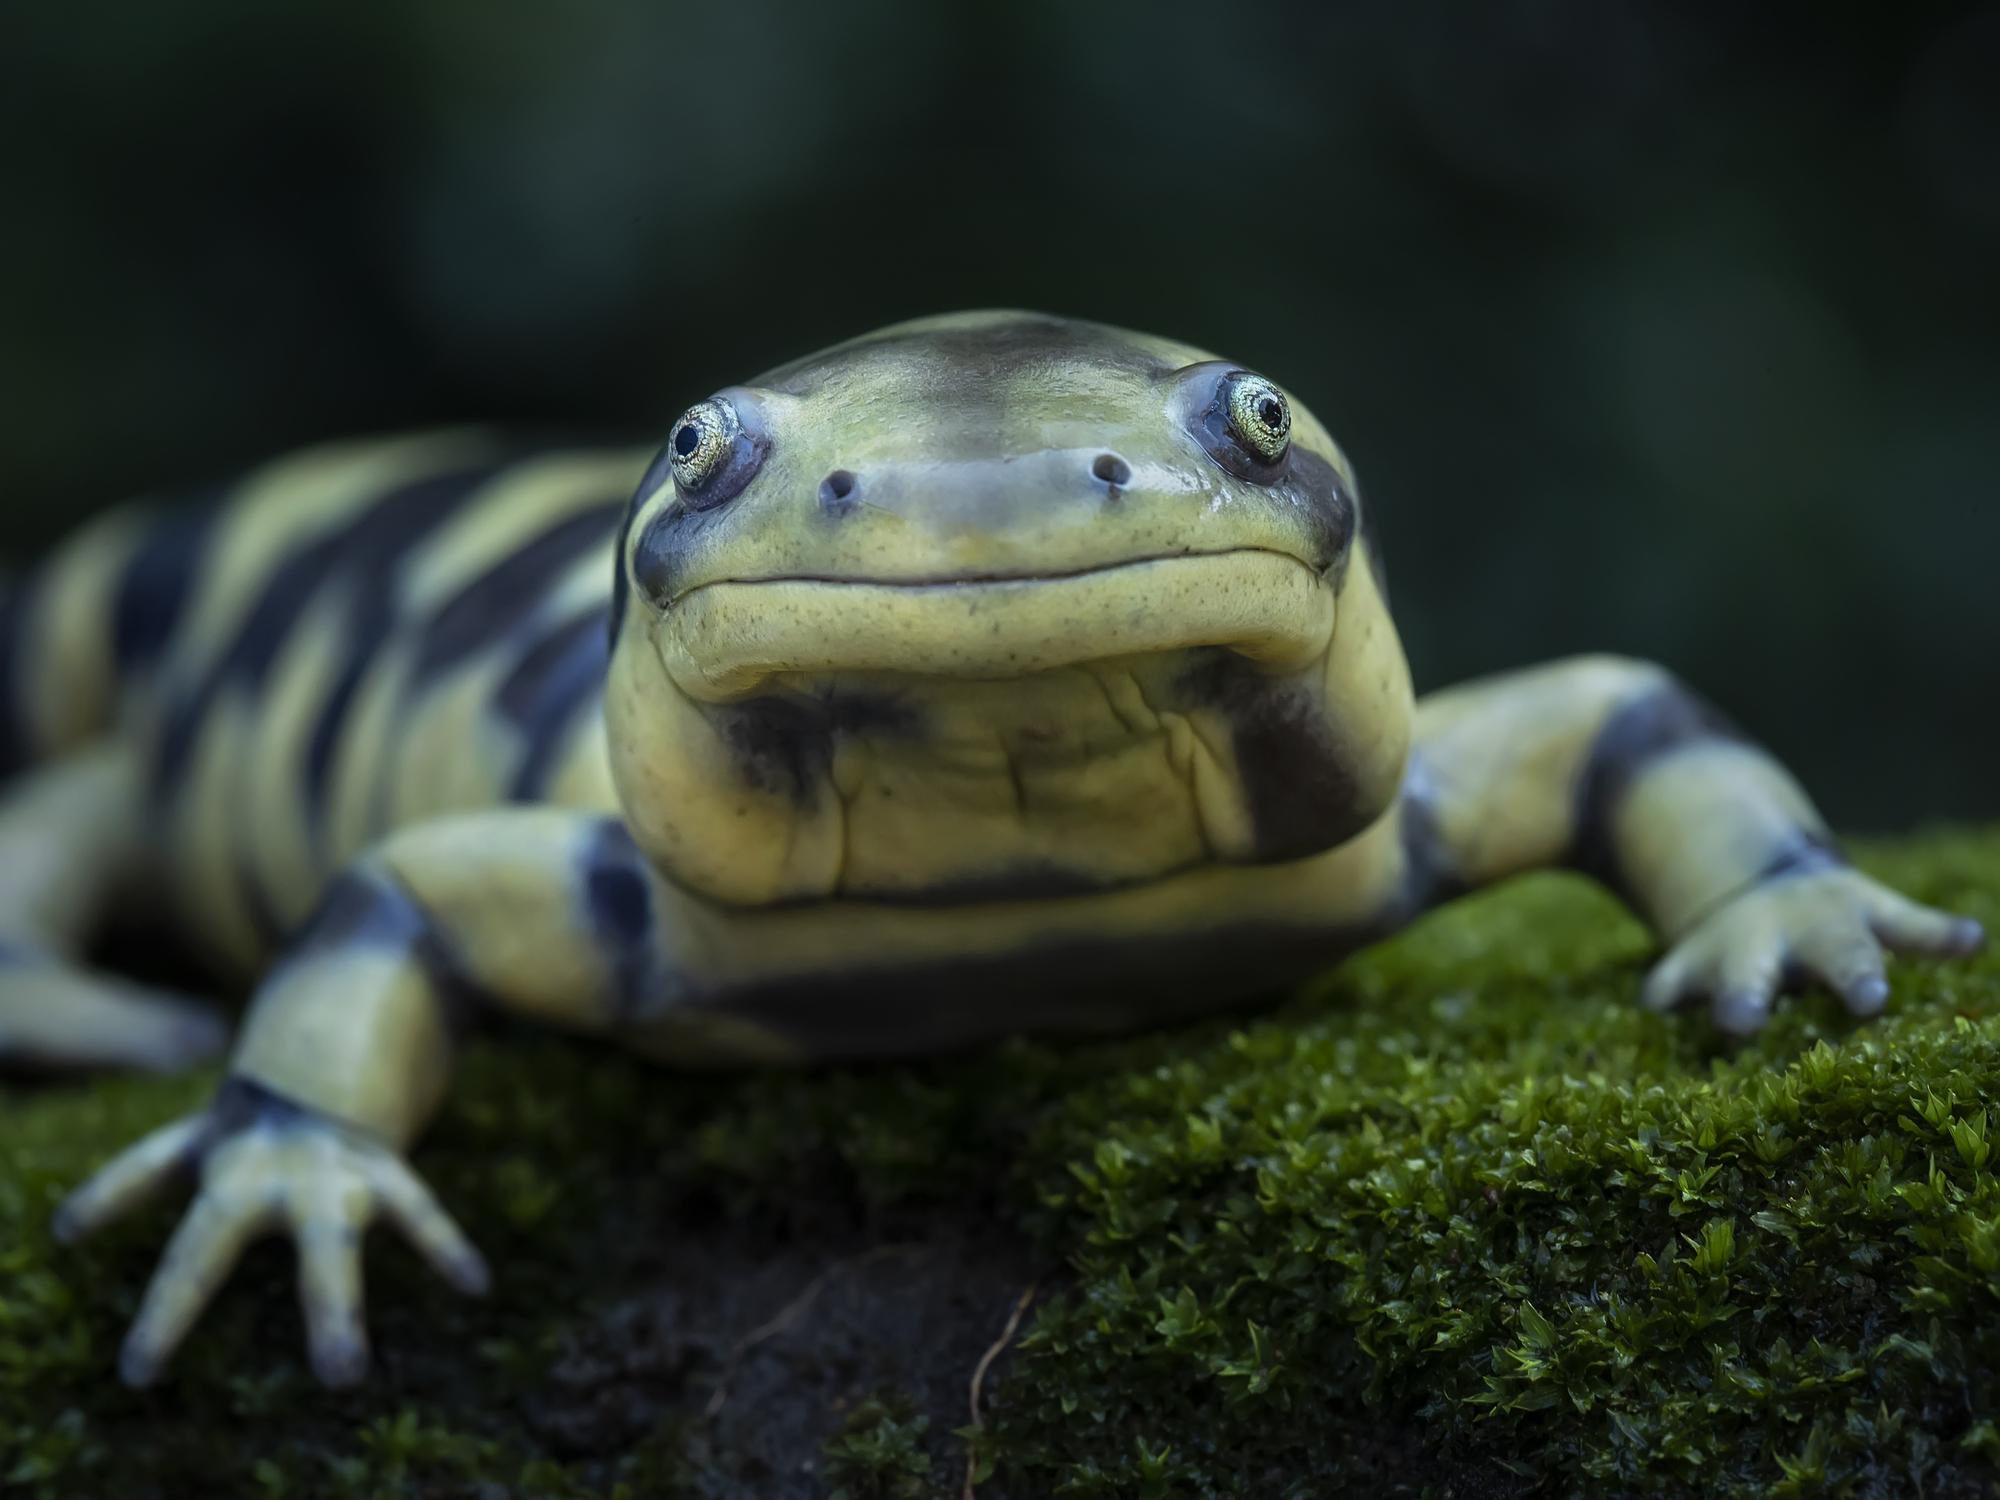 A Tiger salamander looking into a camera